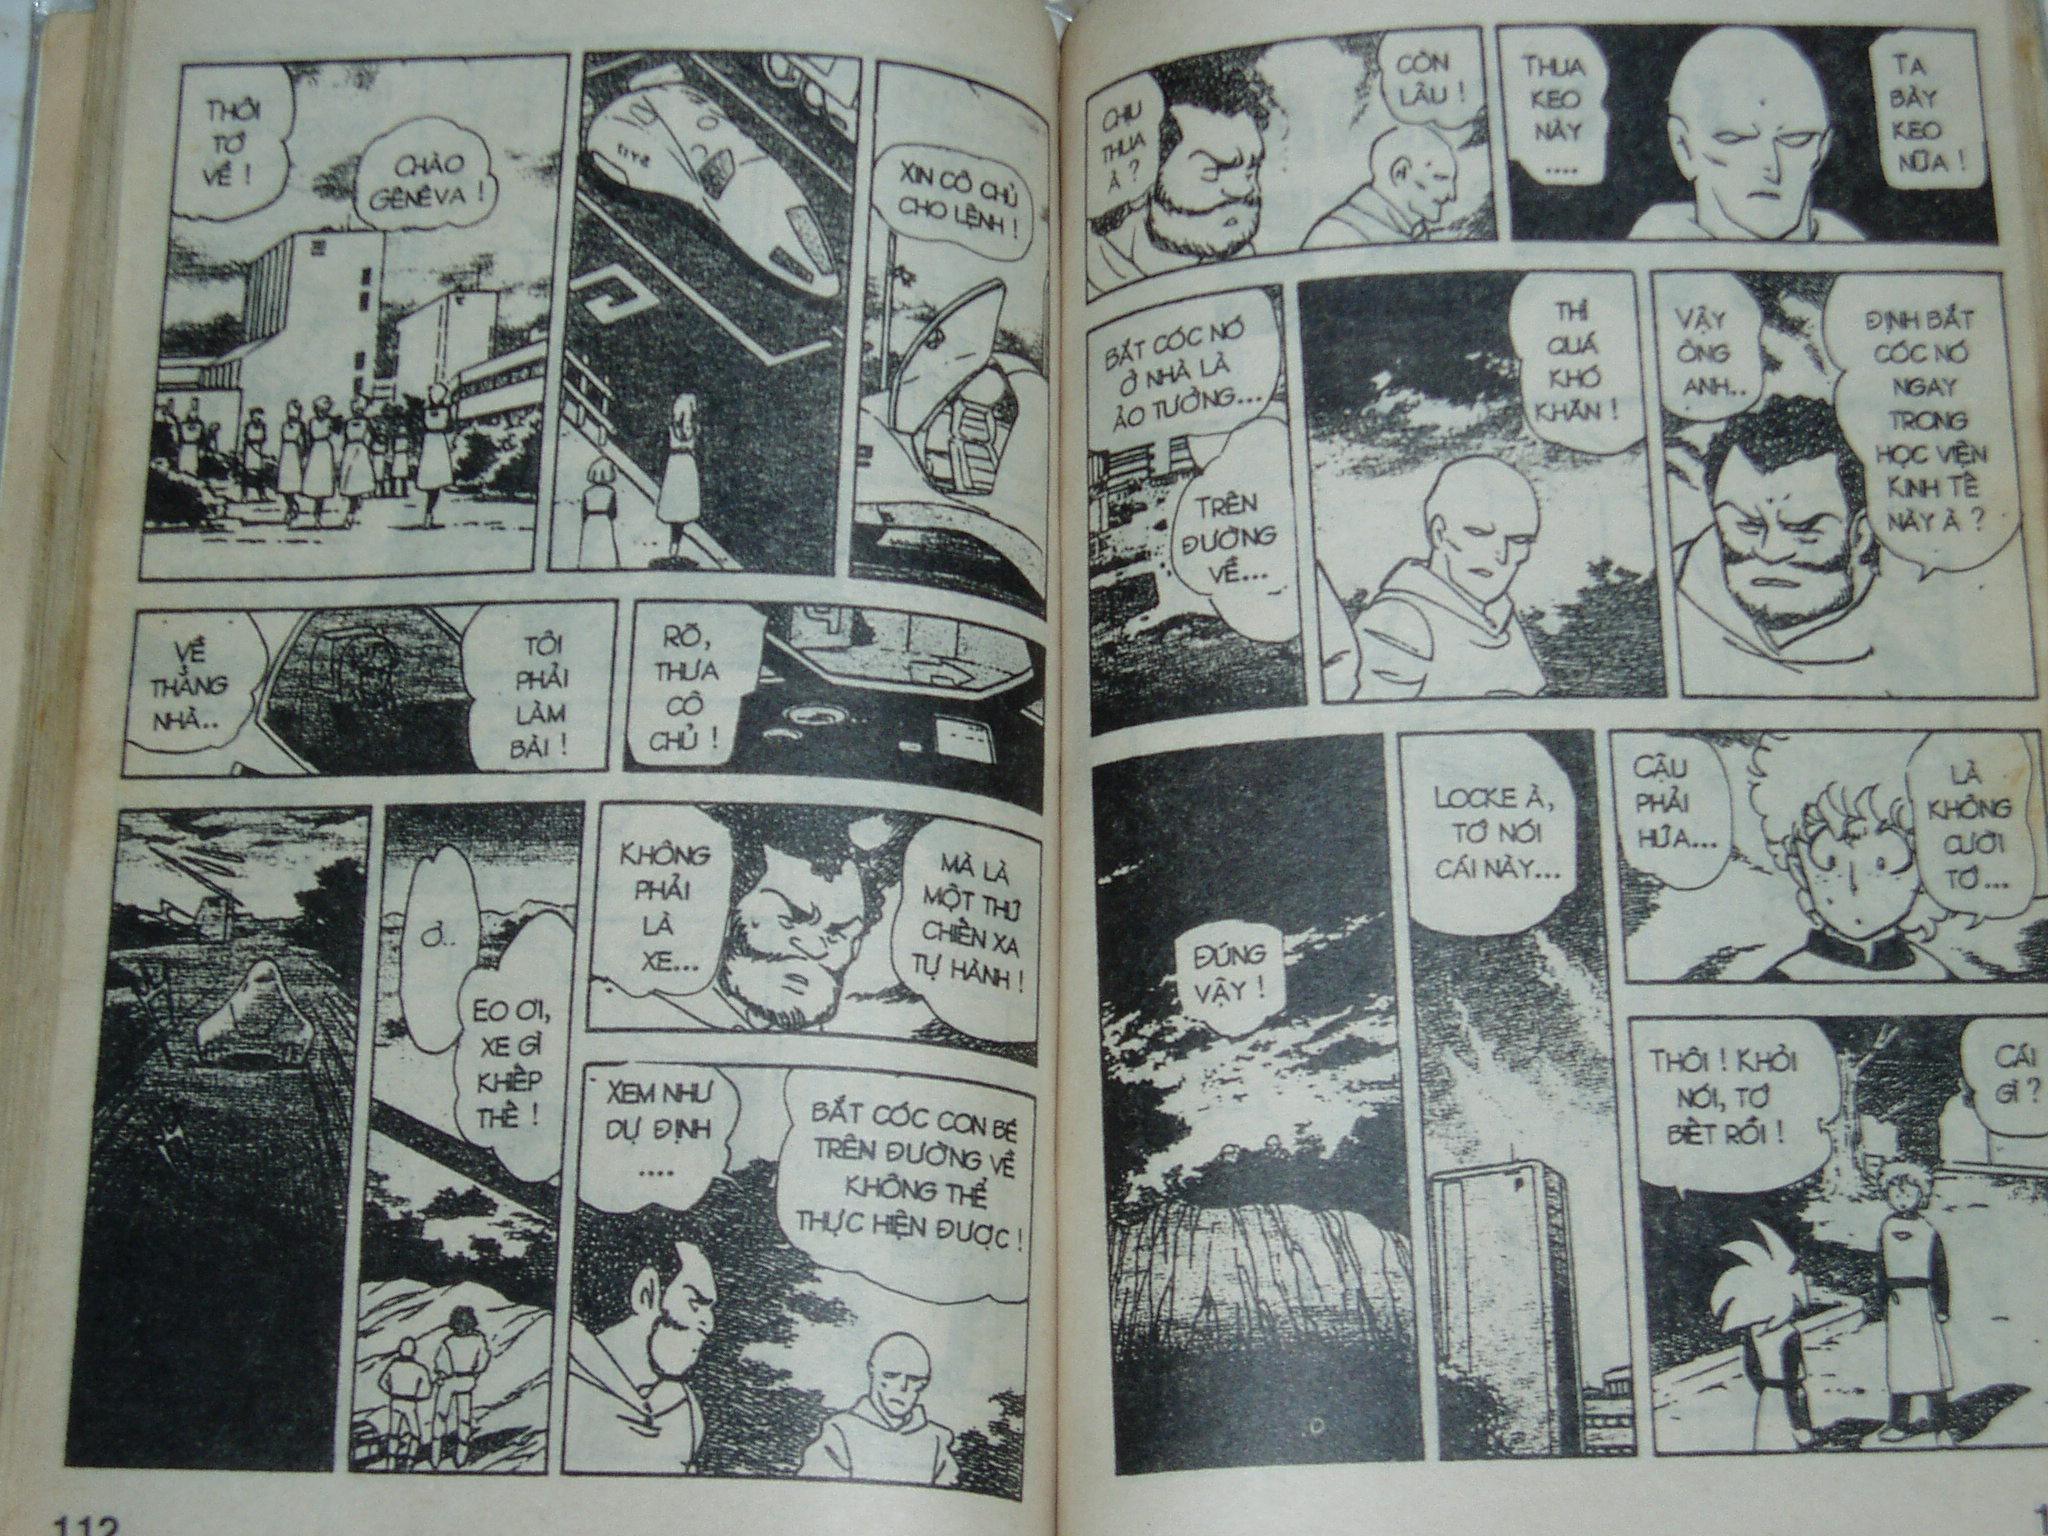 Siêu nhân Locke vol 18 trang 55